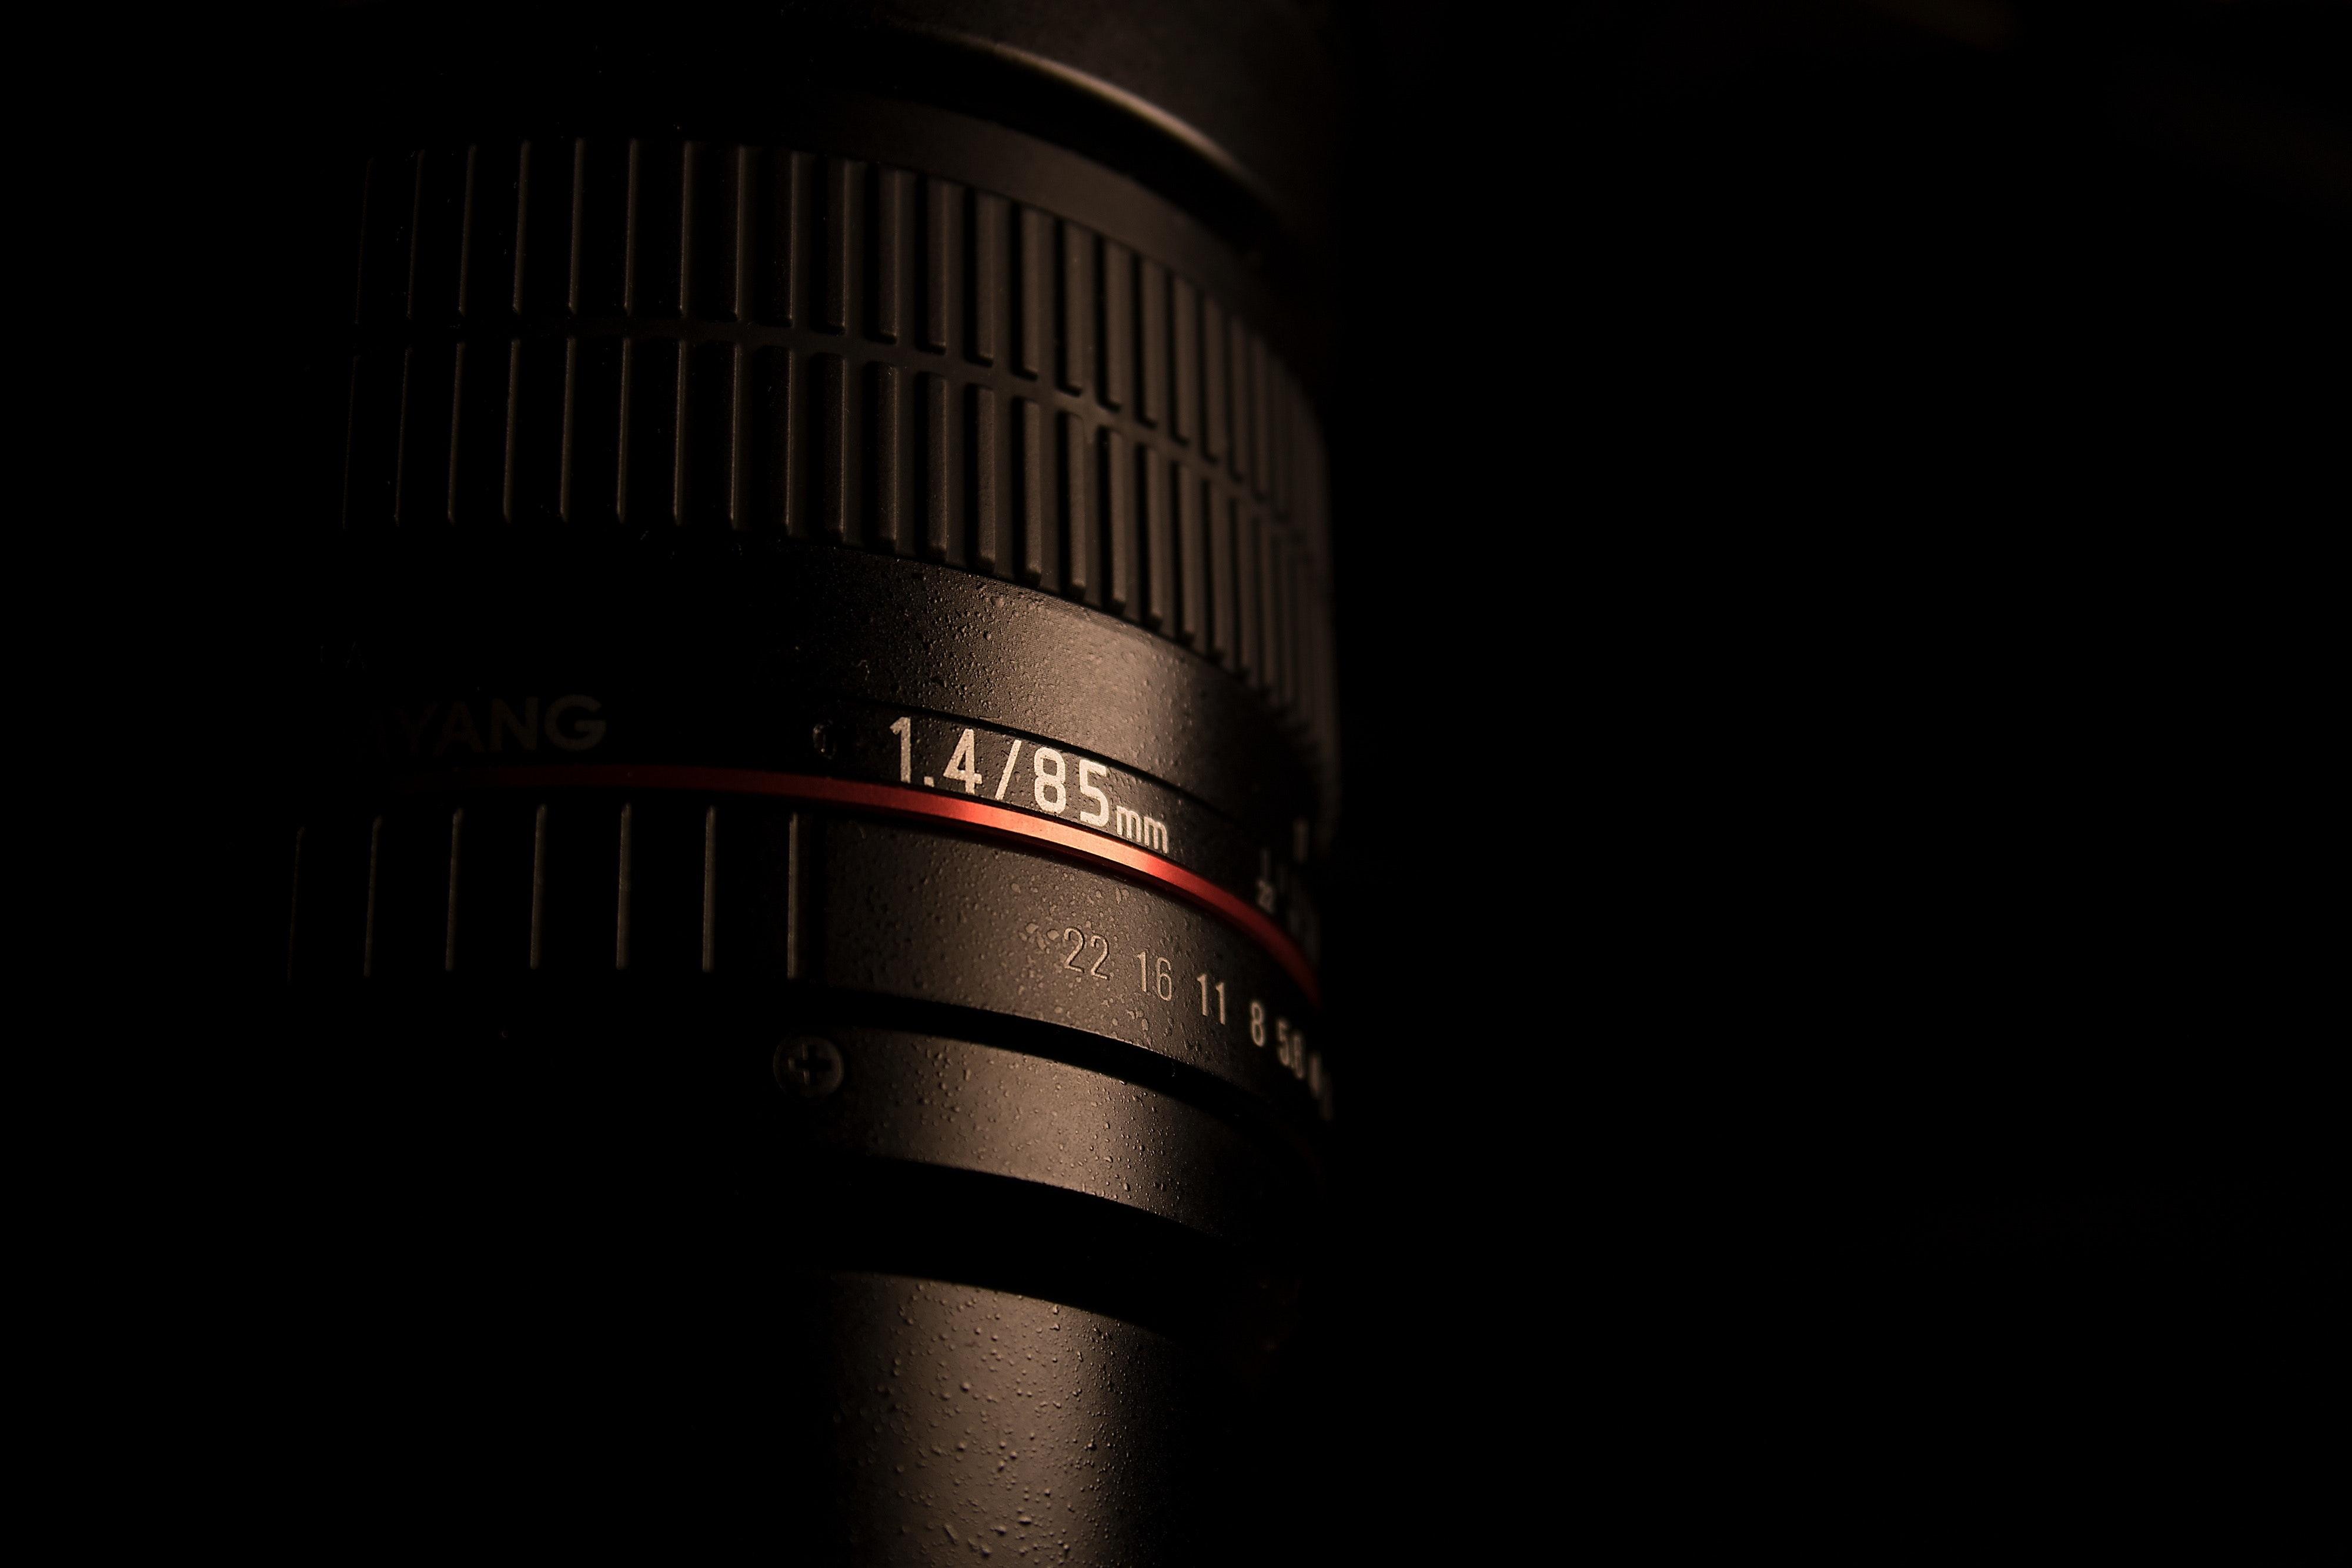 Close up photo of camera lens body